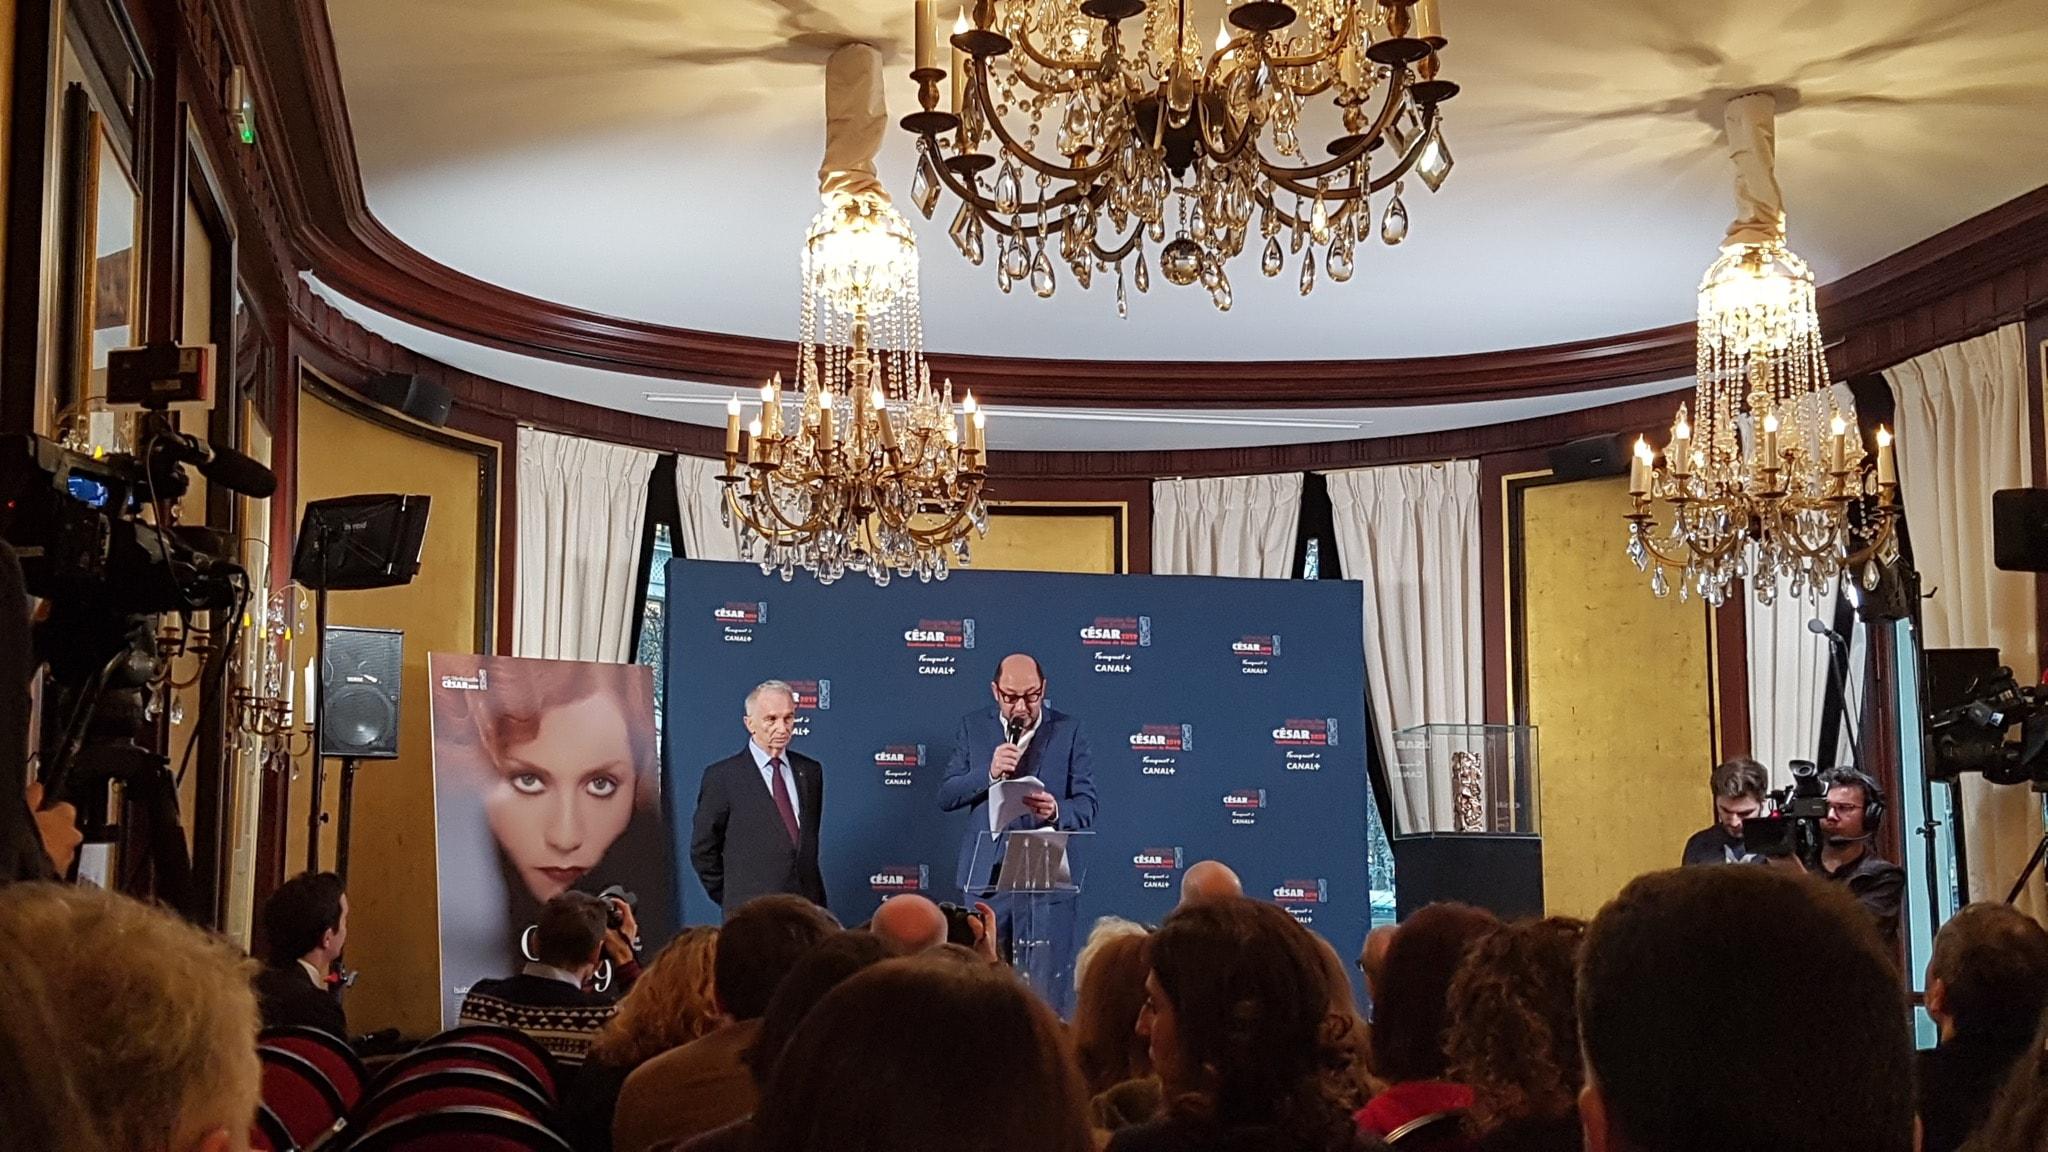 Cesar 2019 image conférence de presse cinéma